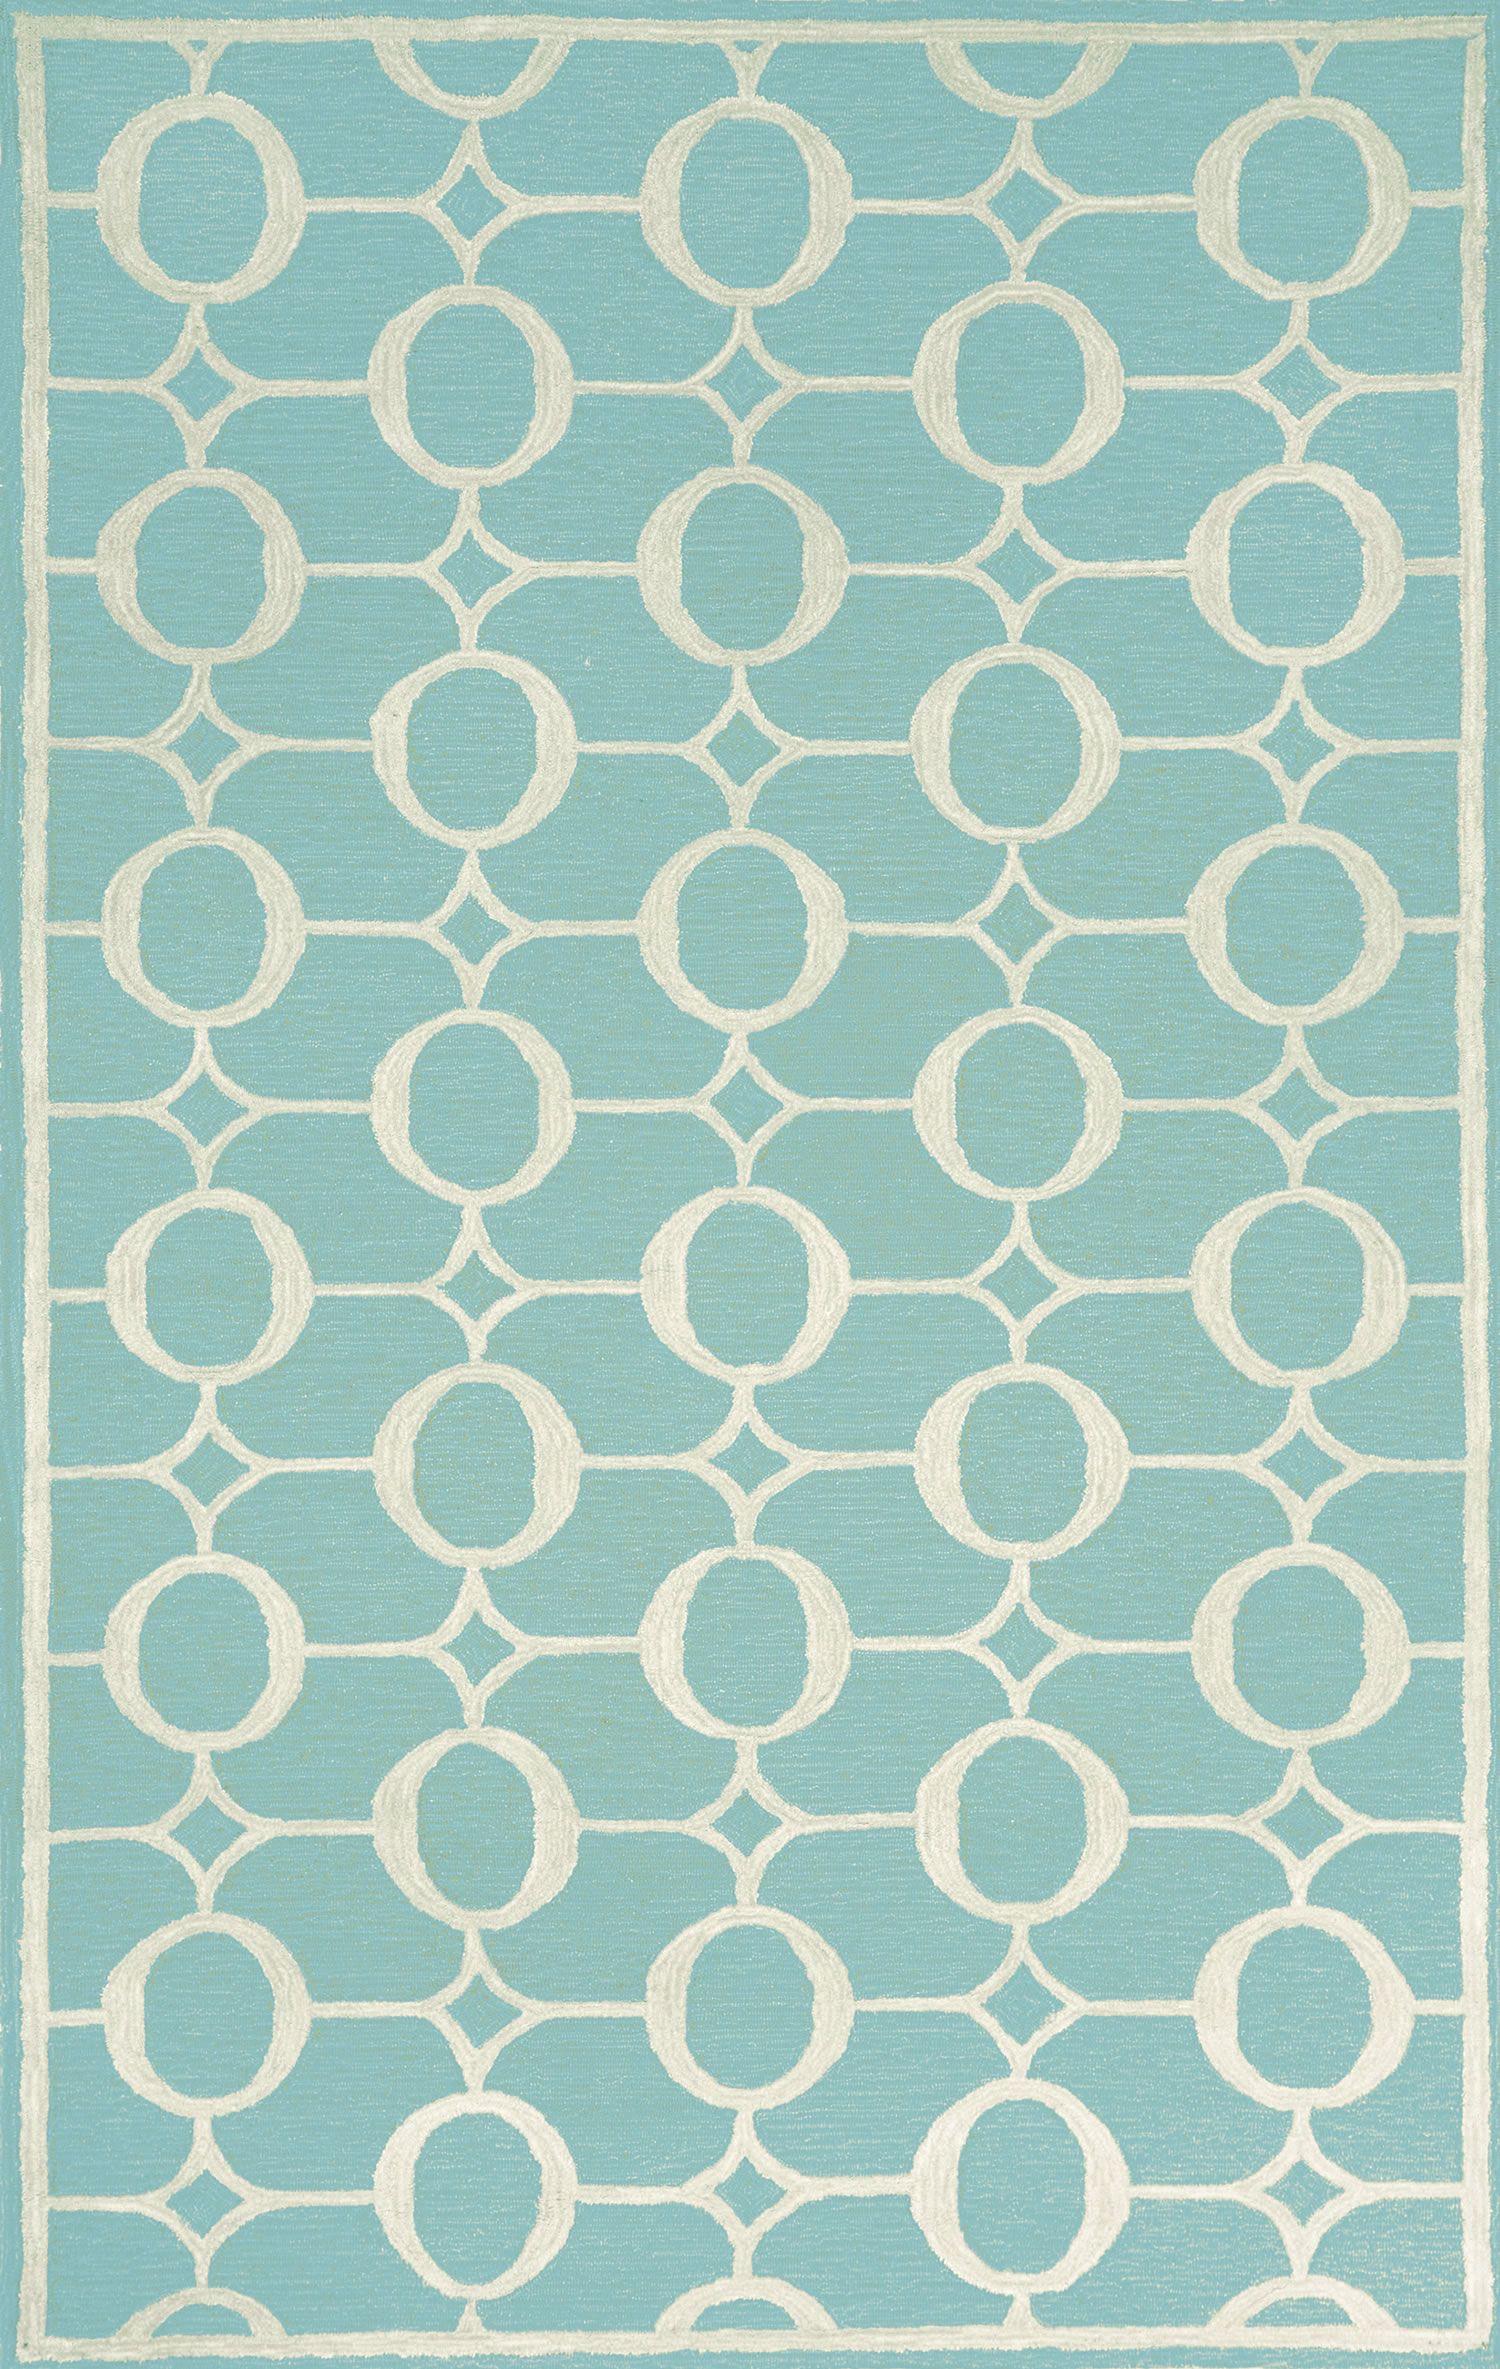 Trans ocean spello arabesque aqua weddings pinterest rugs